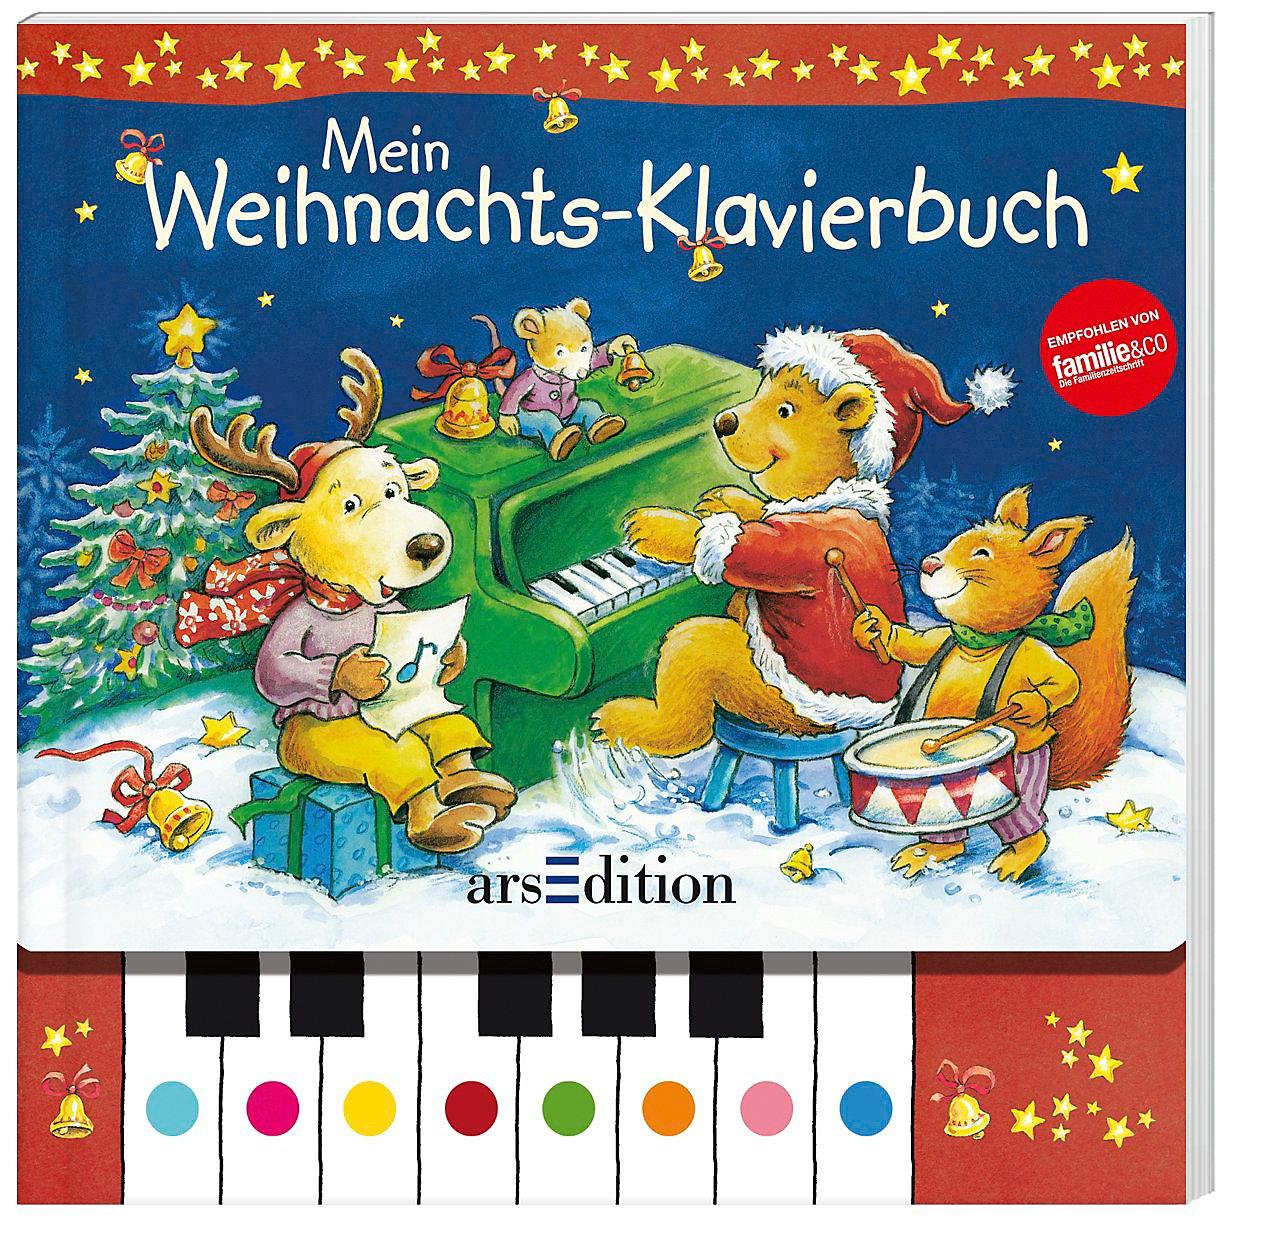 Mein Weihnachts-Klavierbuch, m. Soundeffekten Buch portofrei